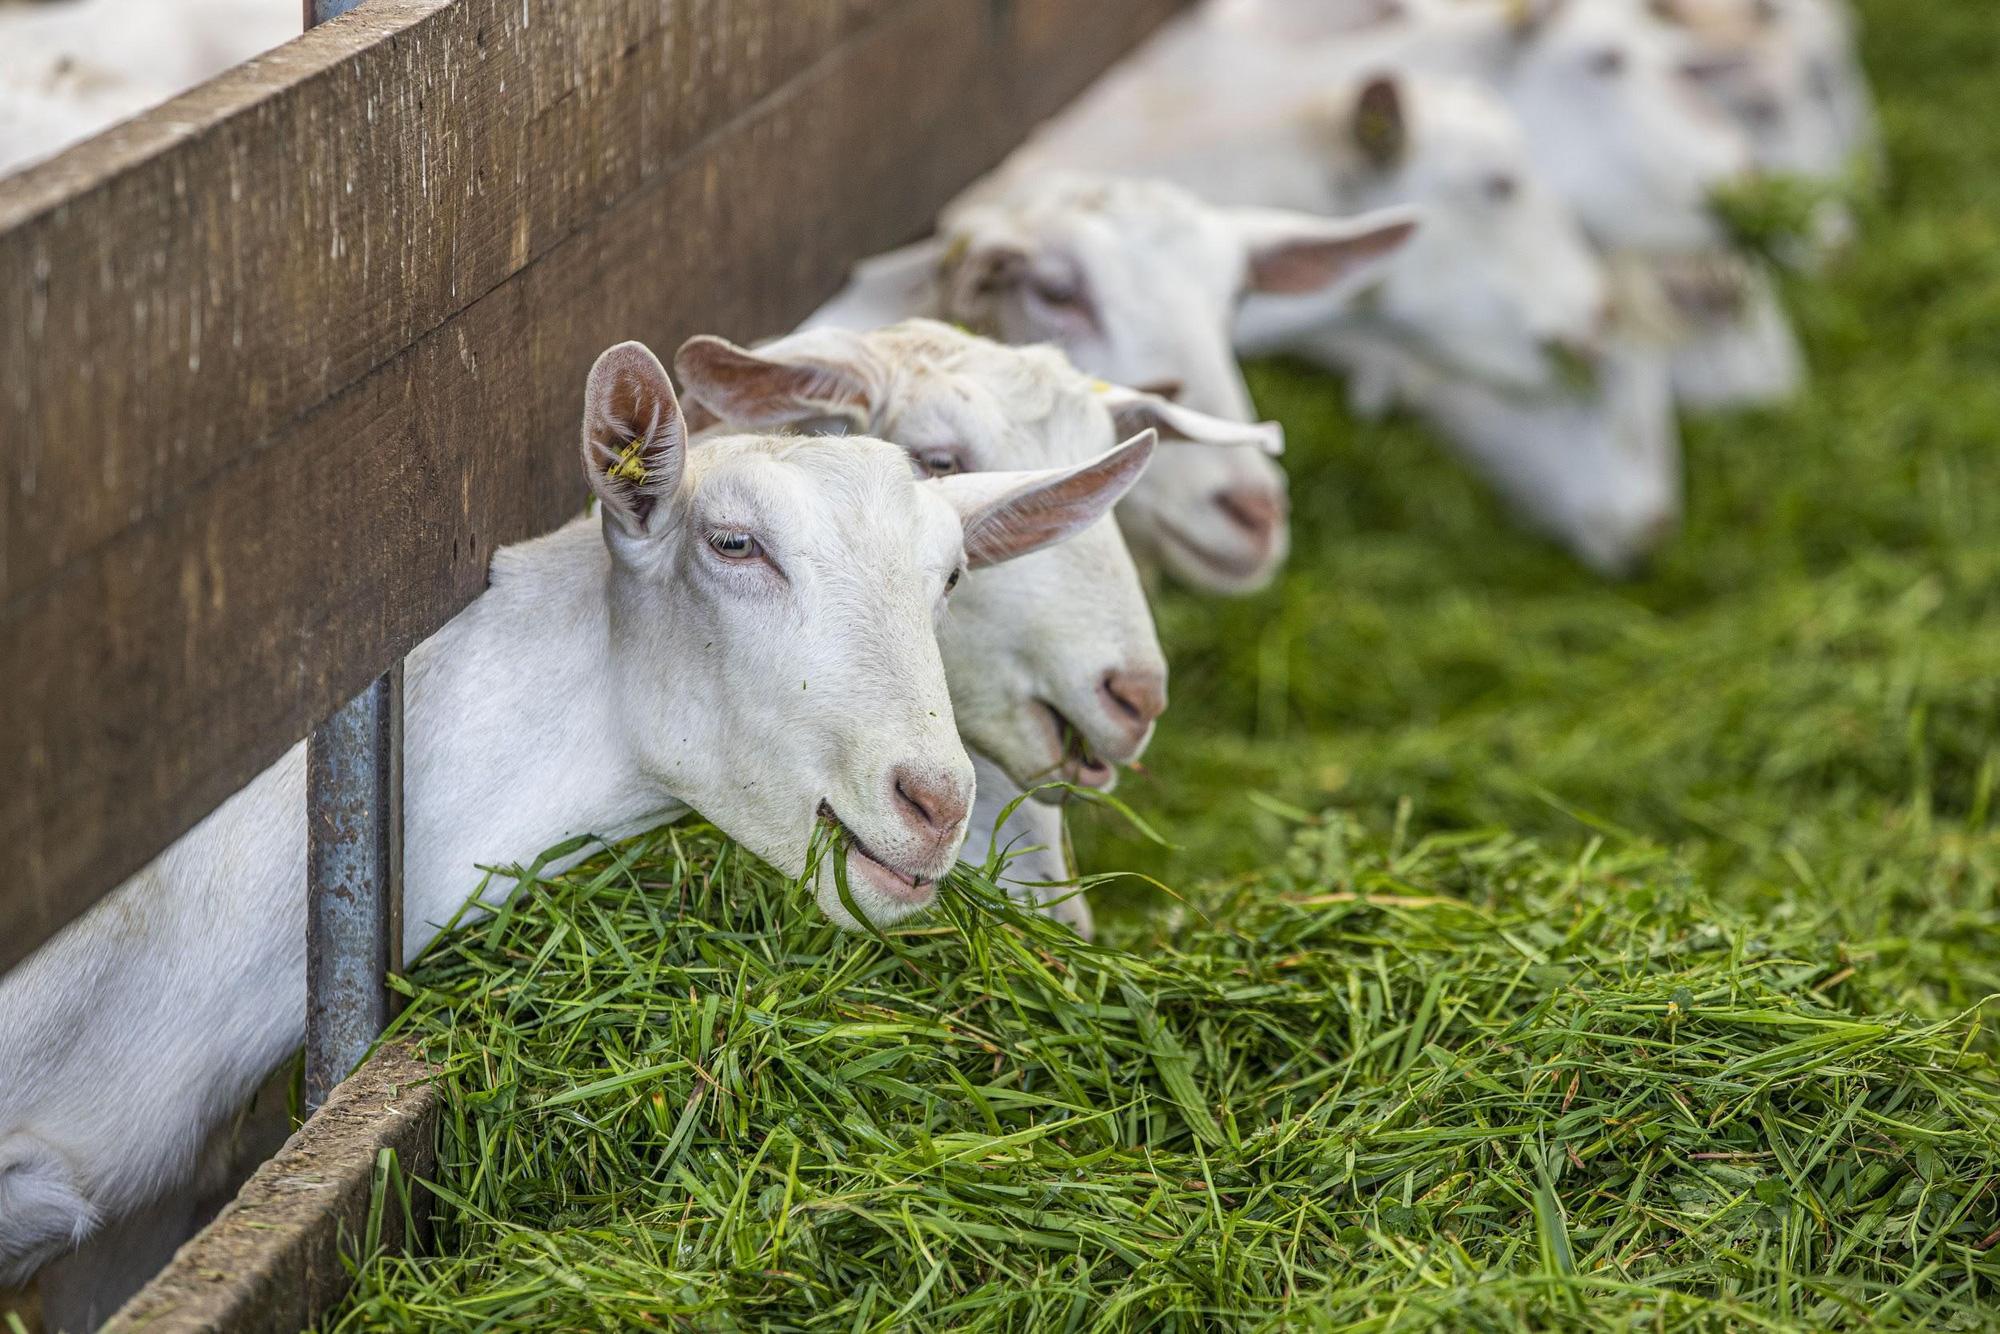 """Xuất hiện sản phẩm dinh dưỡng cao cấp đến từ New Zealand với quy trình sản xuất """"từ nông trại đến cửa hàng"""" được lòng mẹ Việt - Ảnh 3."""